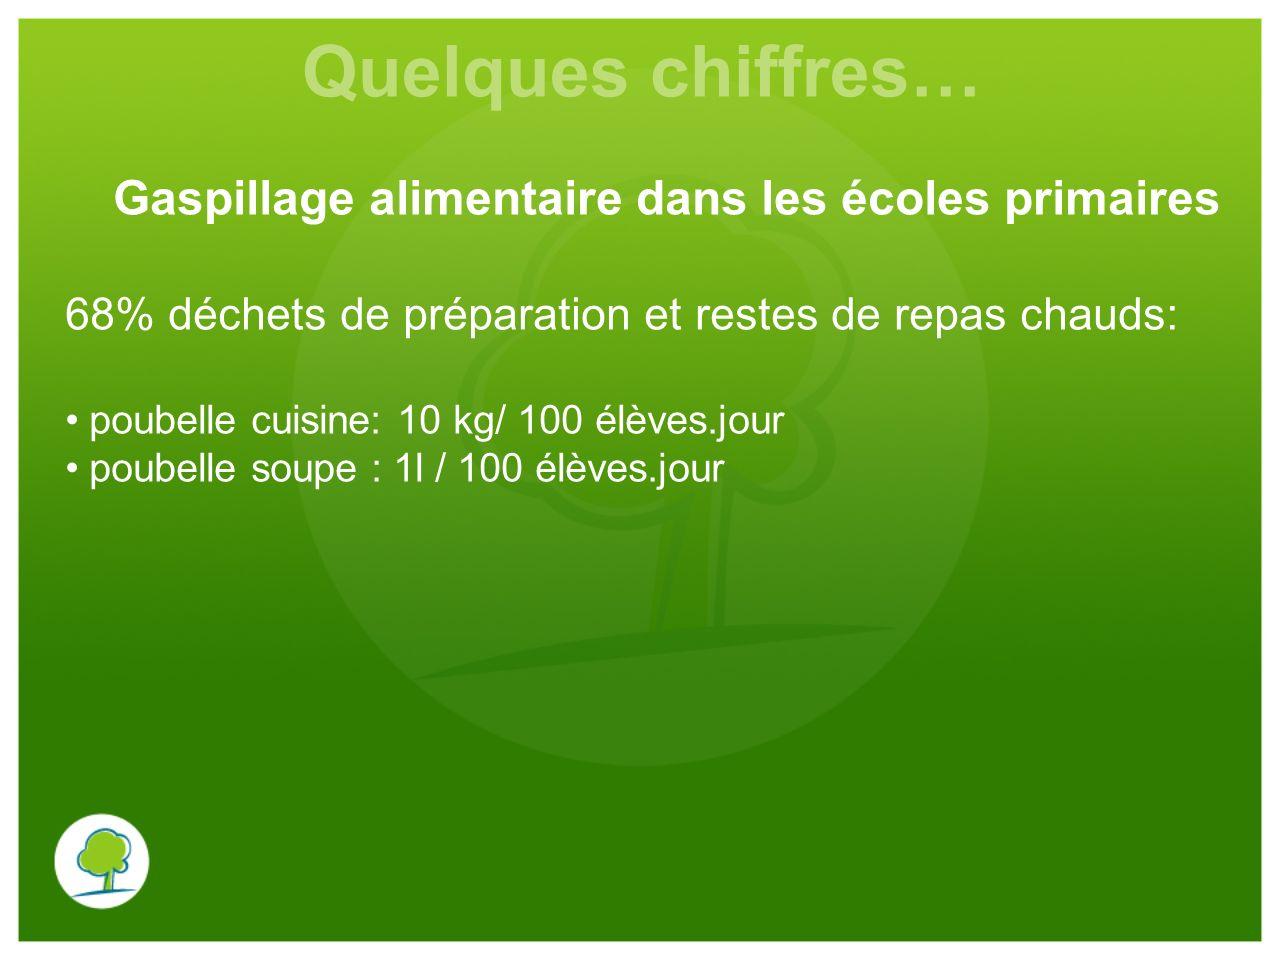 Quelques chiffres… Gaspillage alimentaire dans les écoles primaires 68% déchets de préparation et restes de repas chauds: poubelle cuisine: 10 kg/ 100